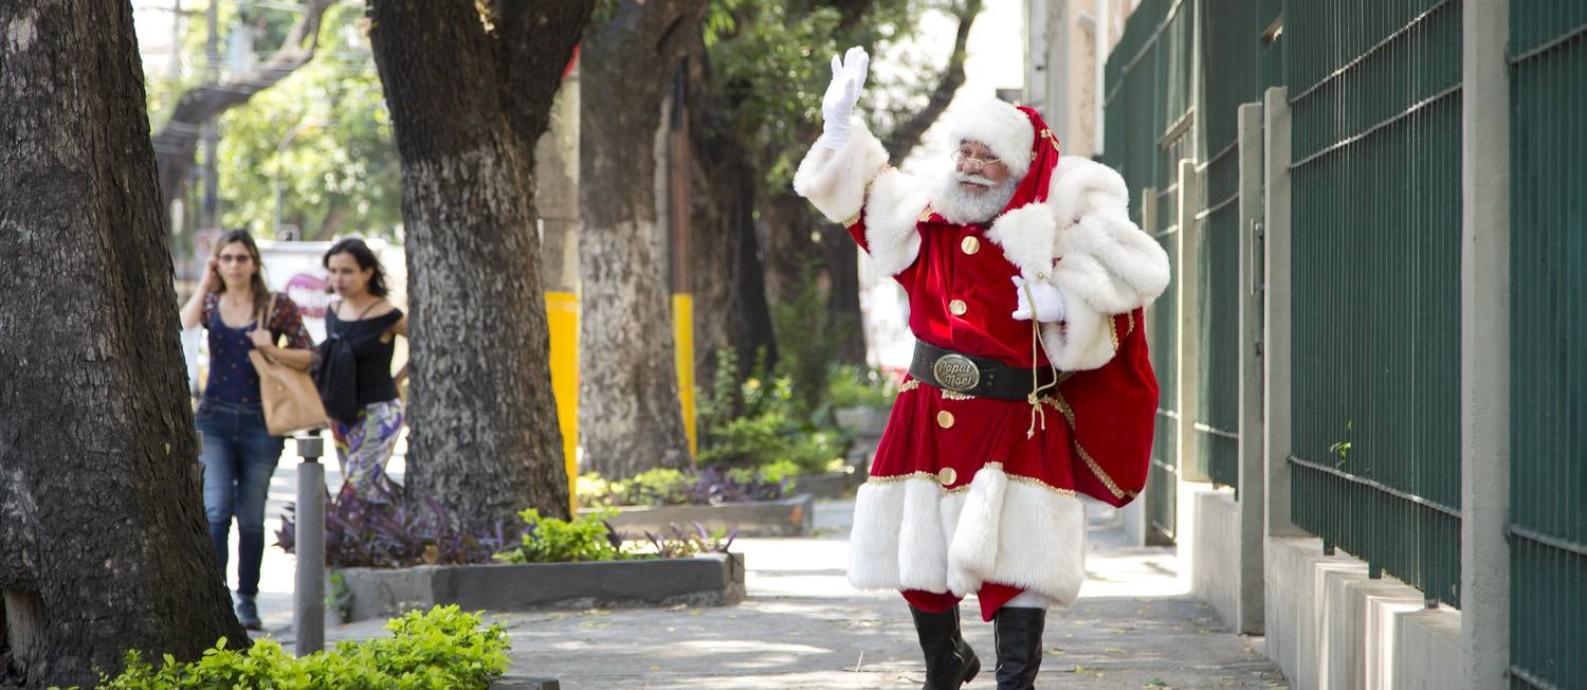 Escola de Papai Noel abre incrições. Na foto, o ator Limachem Cherem encarnando o Papai Noel Foto: Leo Martins / Agência O Globo